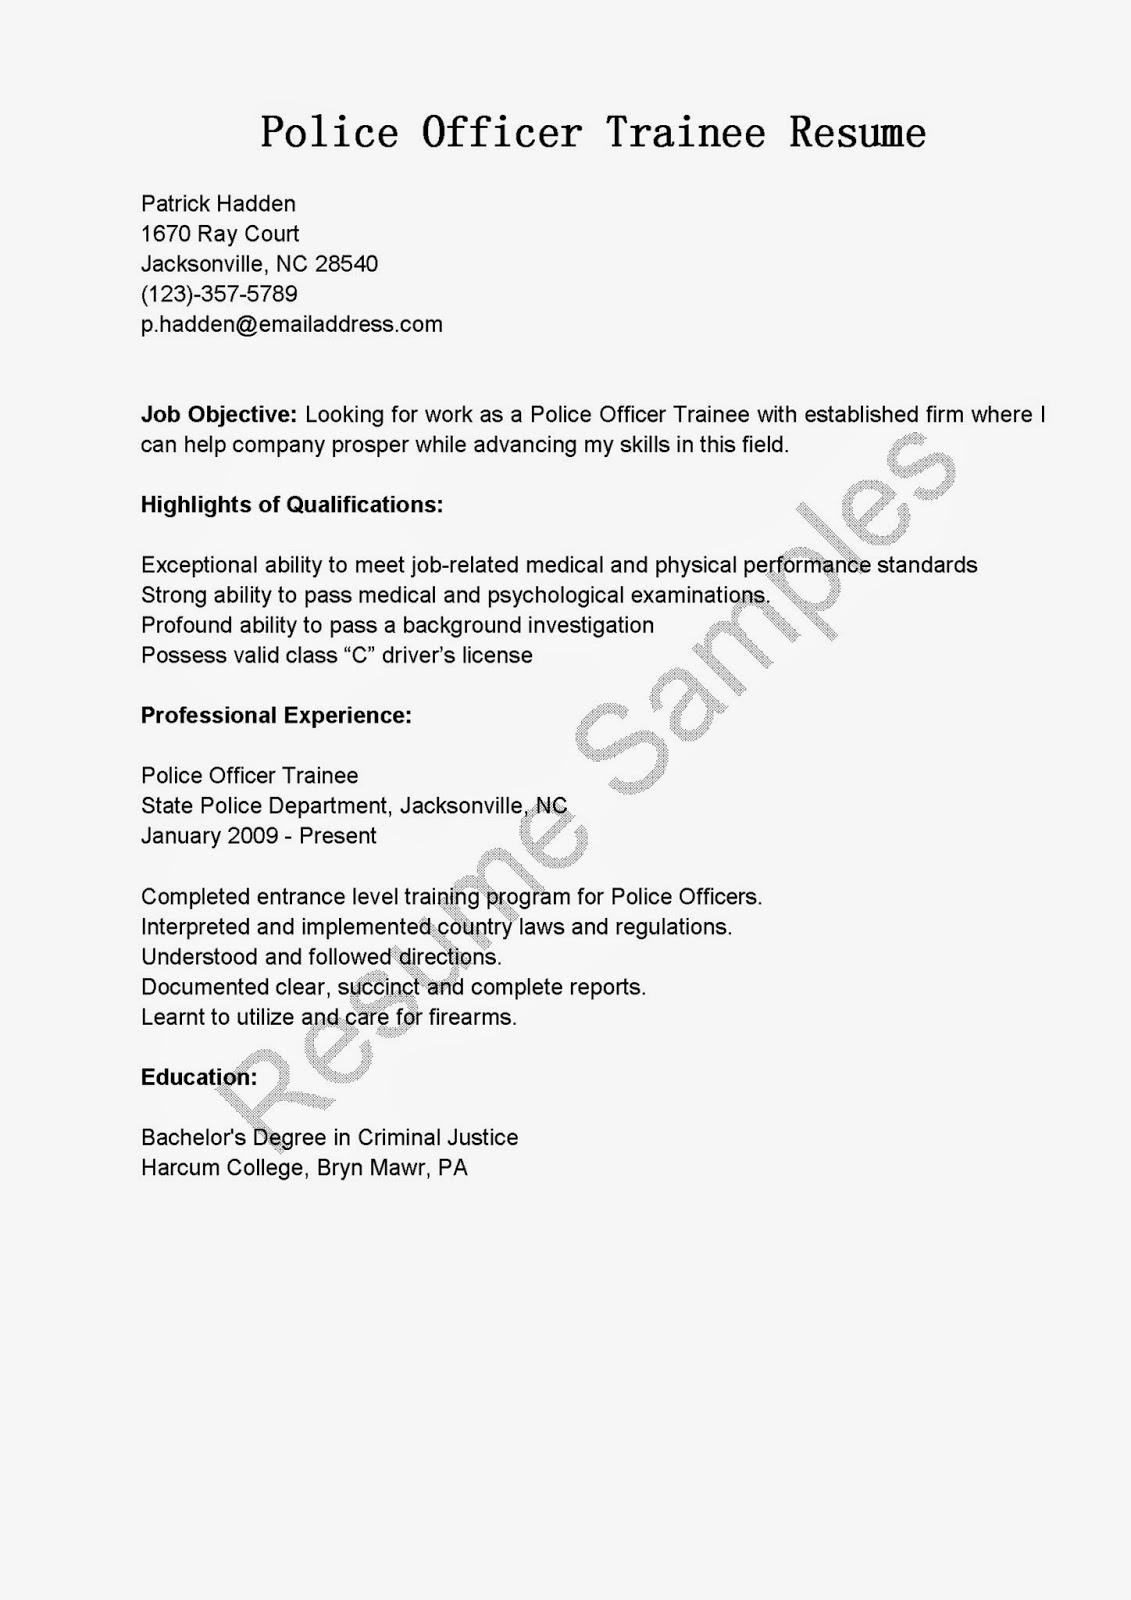 Sample Resume For Entry Level Police Officer